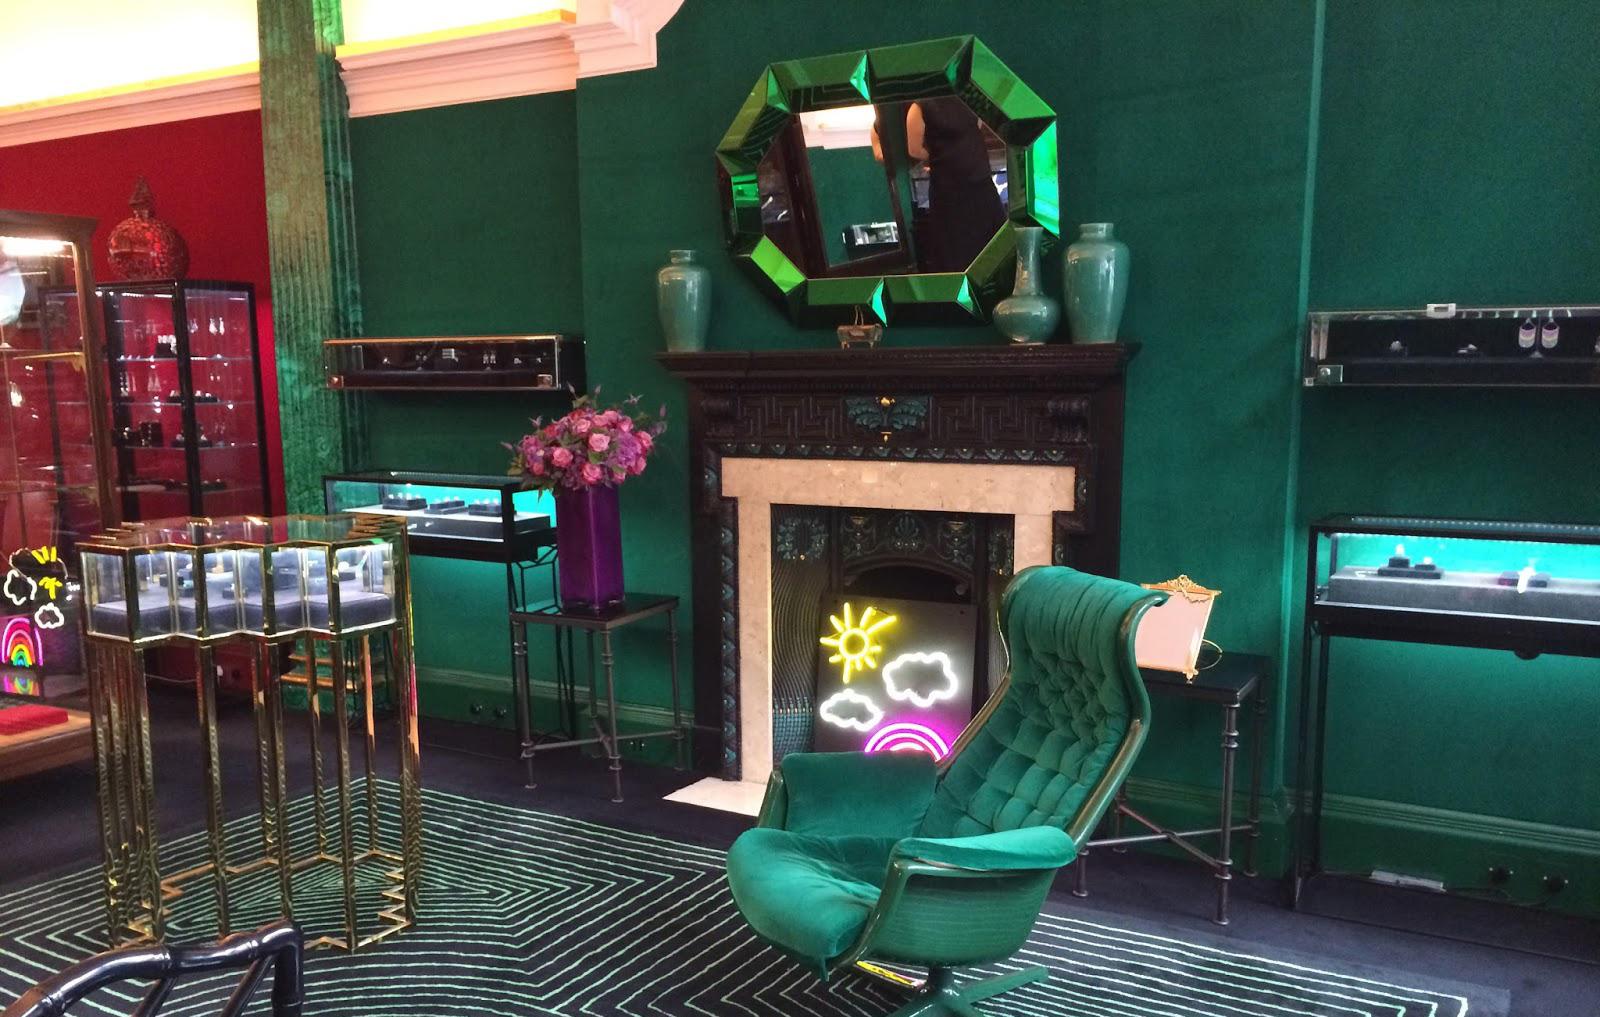 Pokój z zielonym fotelem i zielonymi ścianami